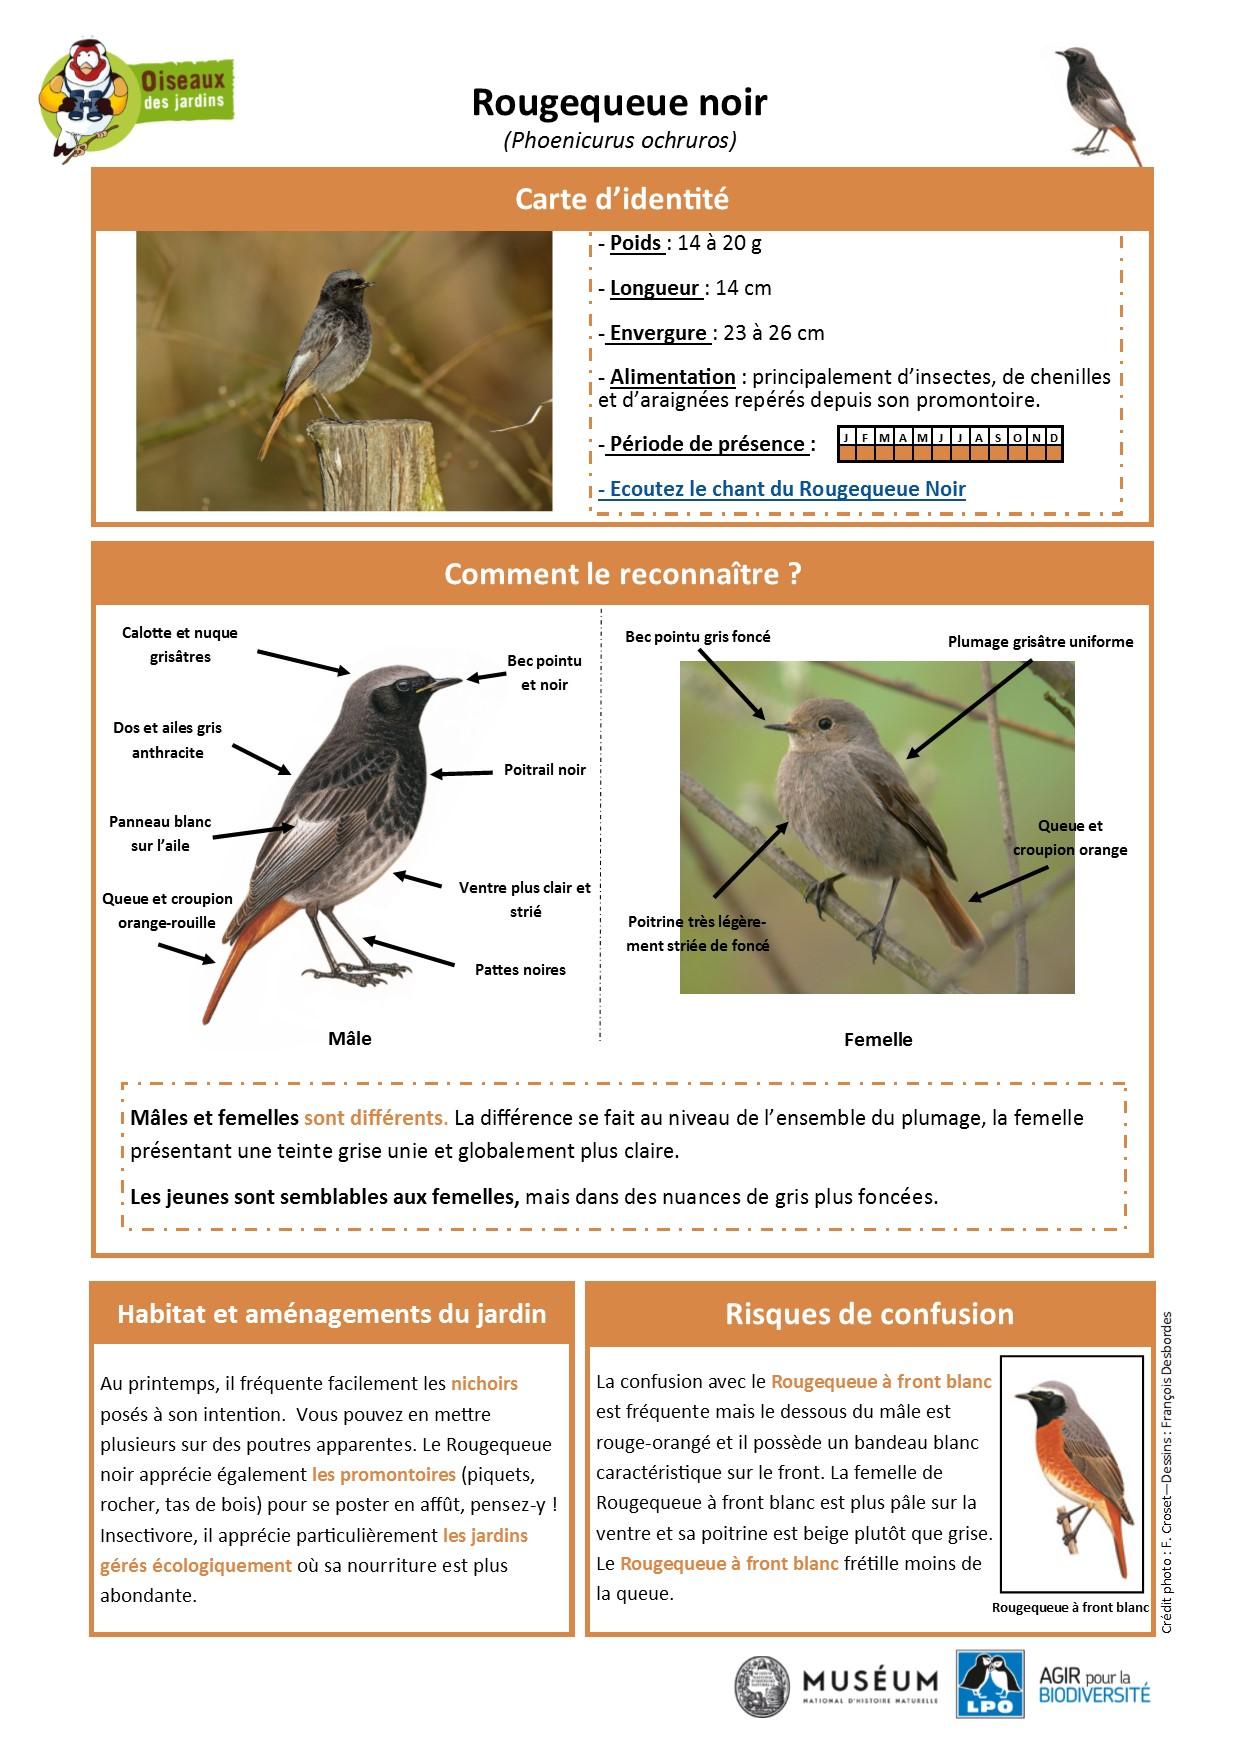 https://cdnfiles1.biolovision.net/www.oiseauxdesjardins.fr/userfiles/Fichesespces/FicheespceRQN.pdf